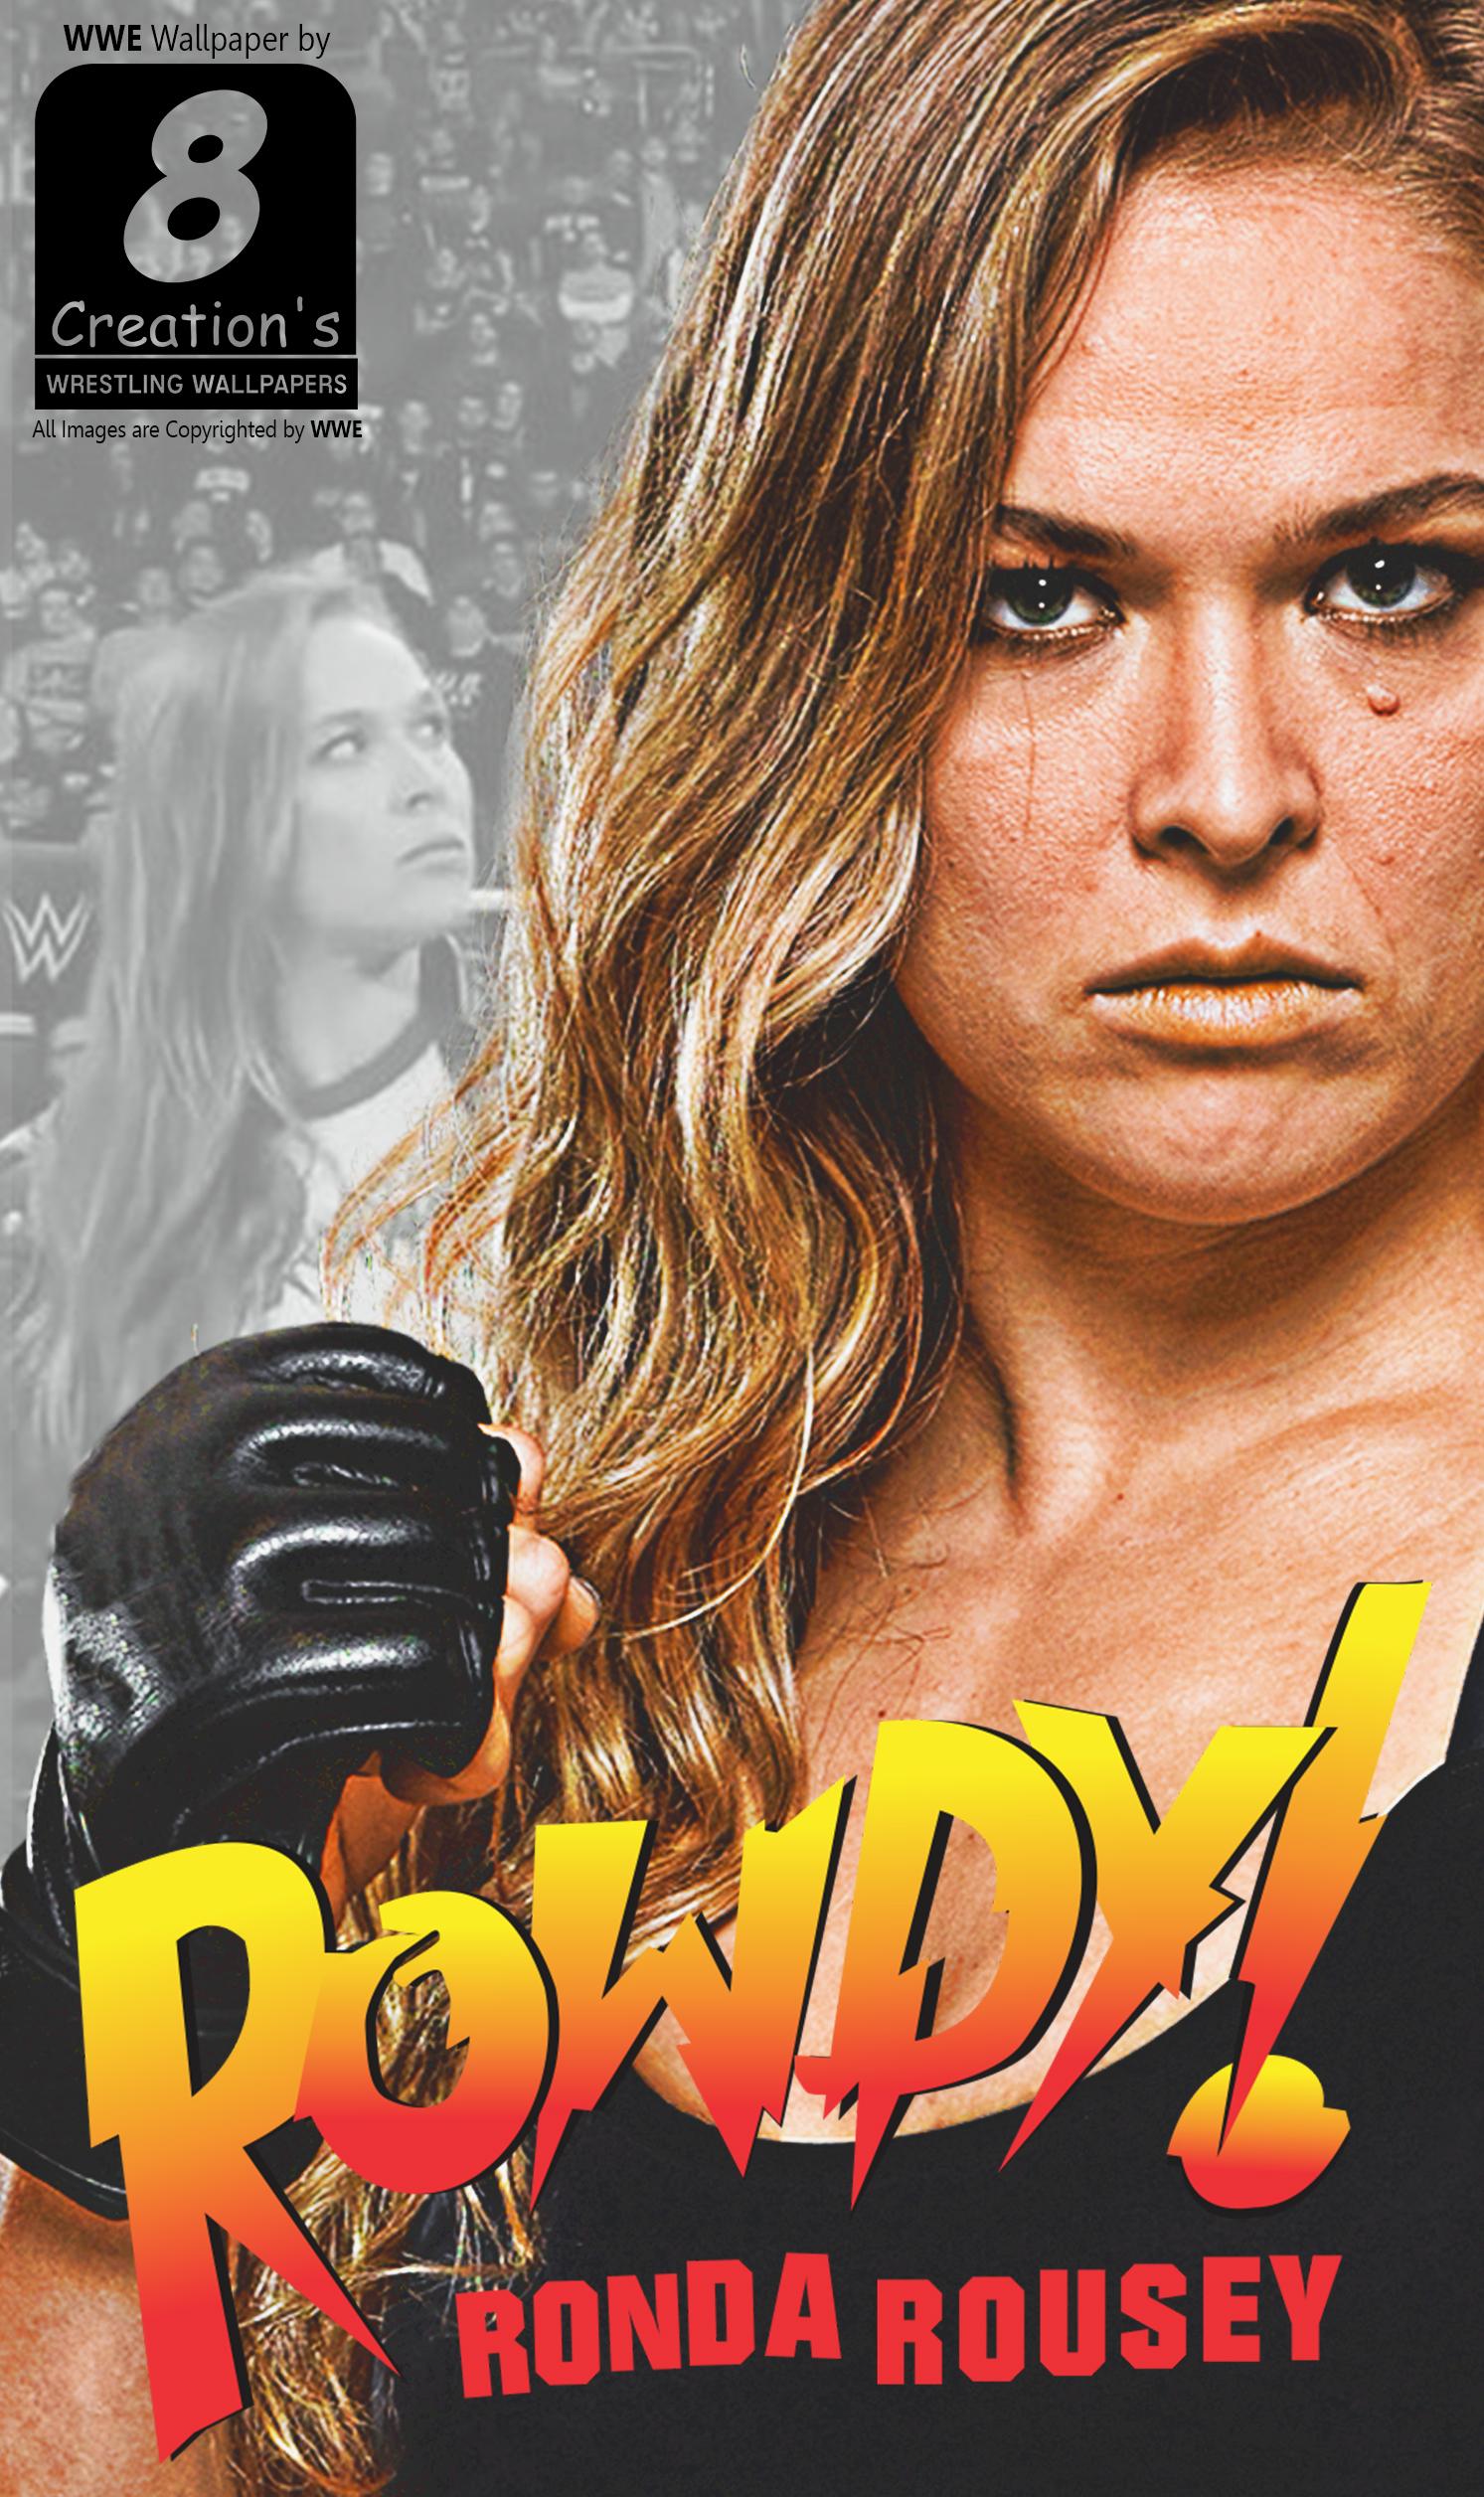 Ronda Rousey 2018 iphone Wallpaper by Arunraj1791 Ronda Rousey 2018 iphone Wallpaper by Arunraj1791